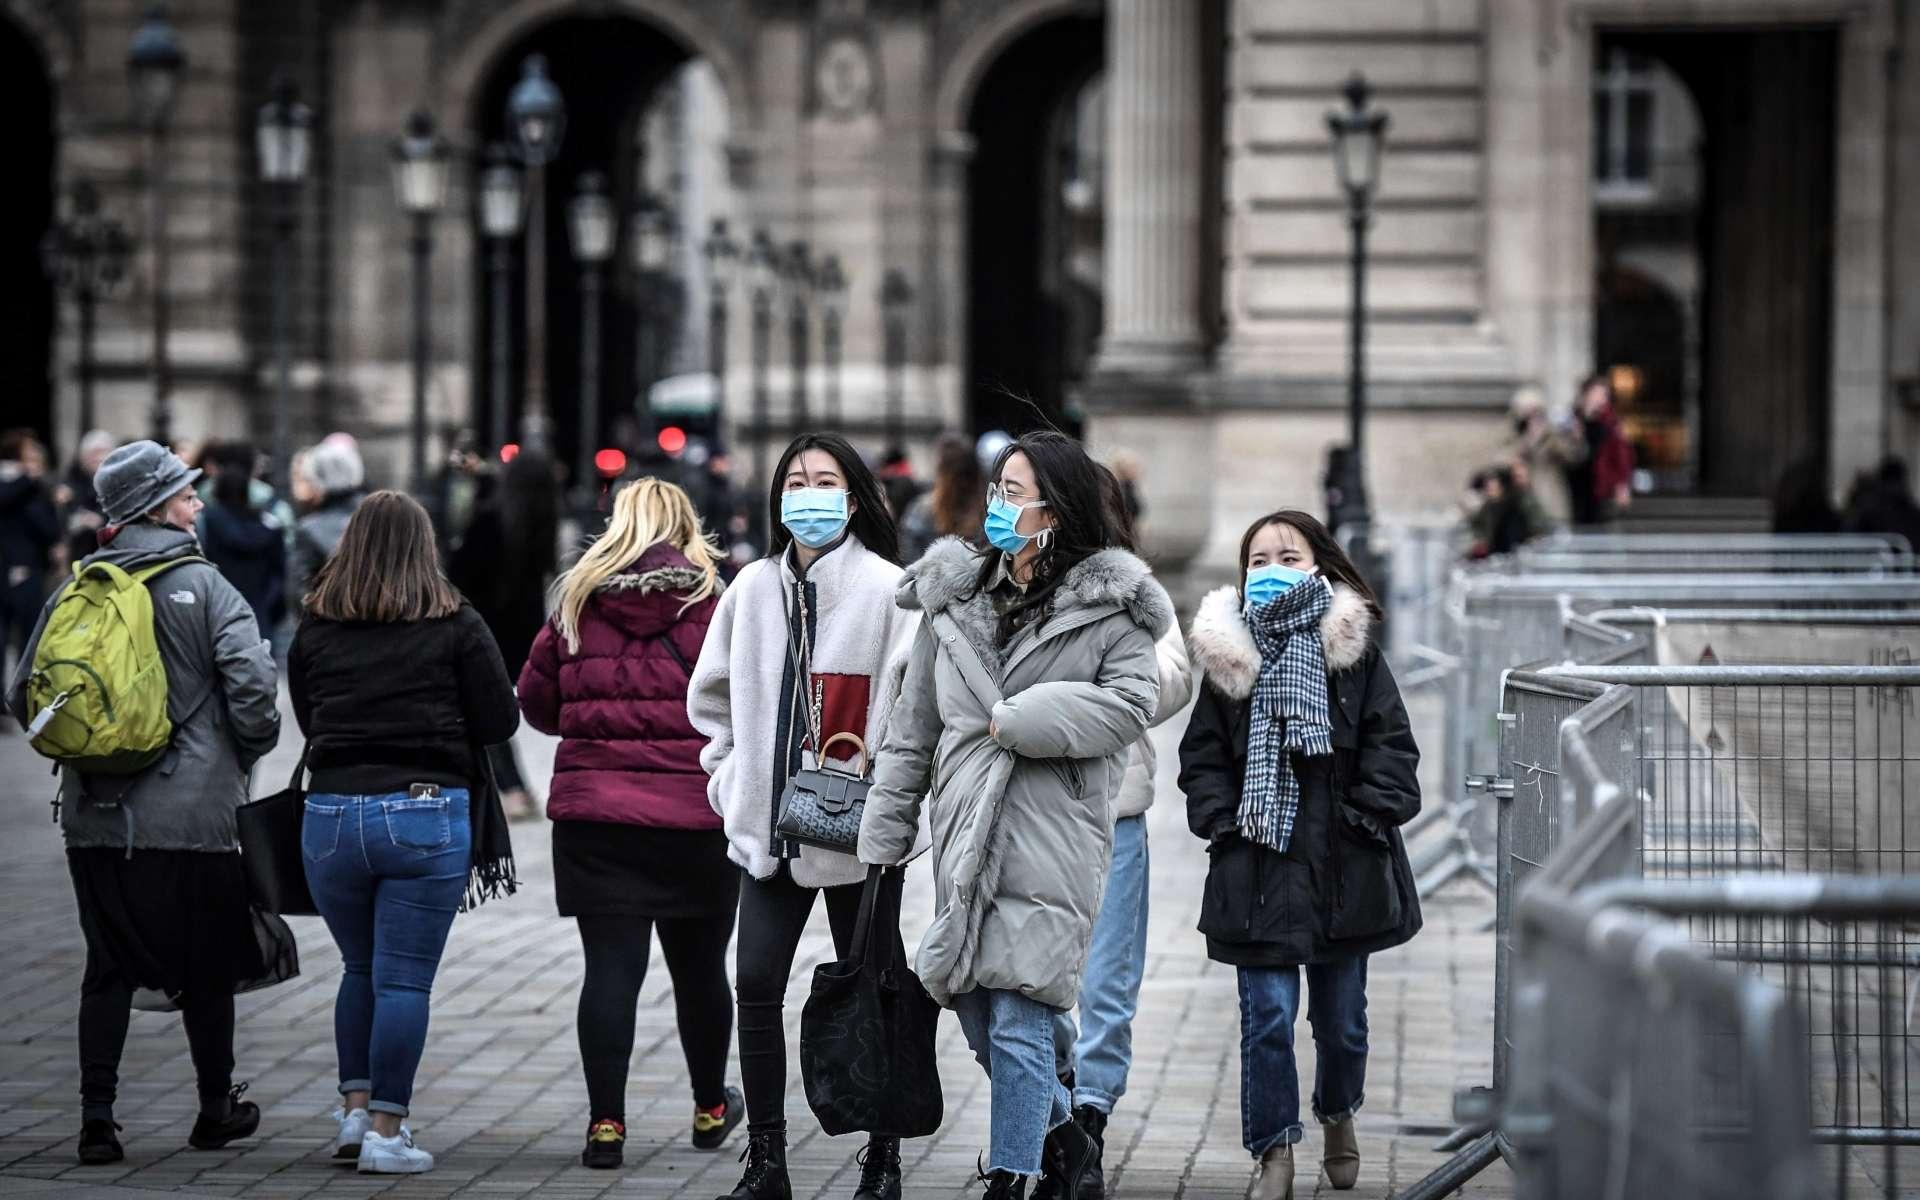 Le point sur l'épidémie de Covid-19 causée par le coronavirus Sars-CoV-2 en France. © Stéphane de Sakutin, AFP